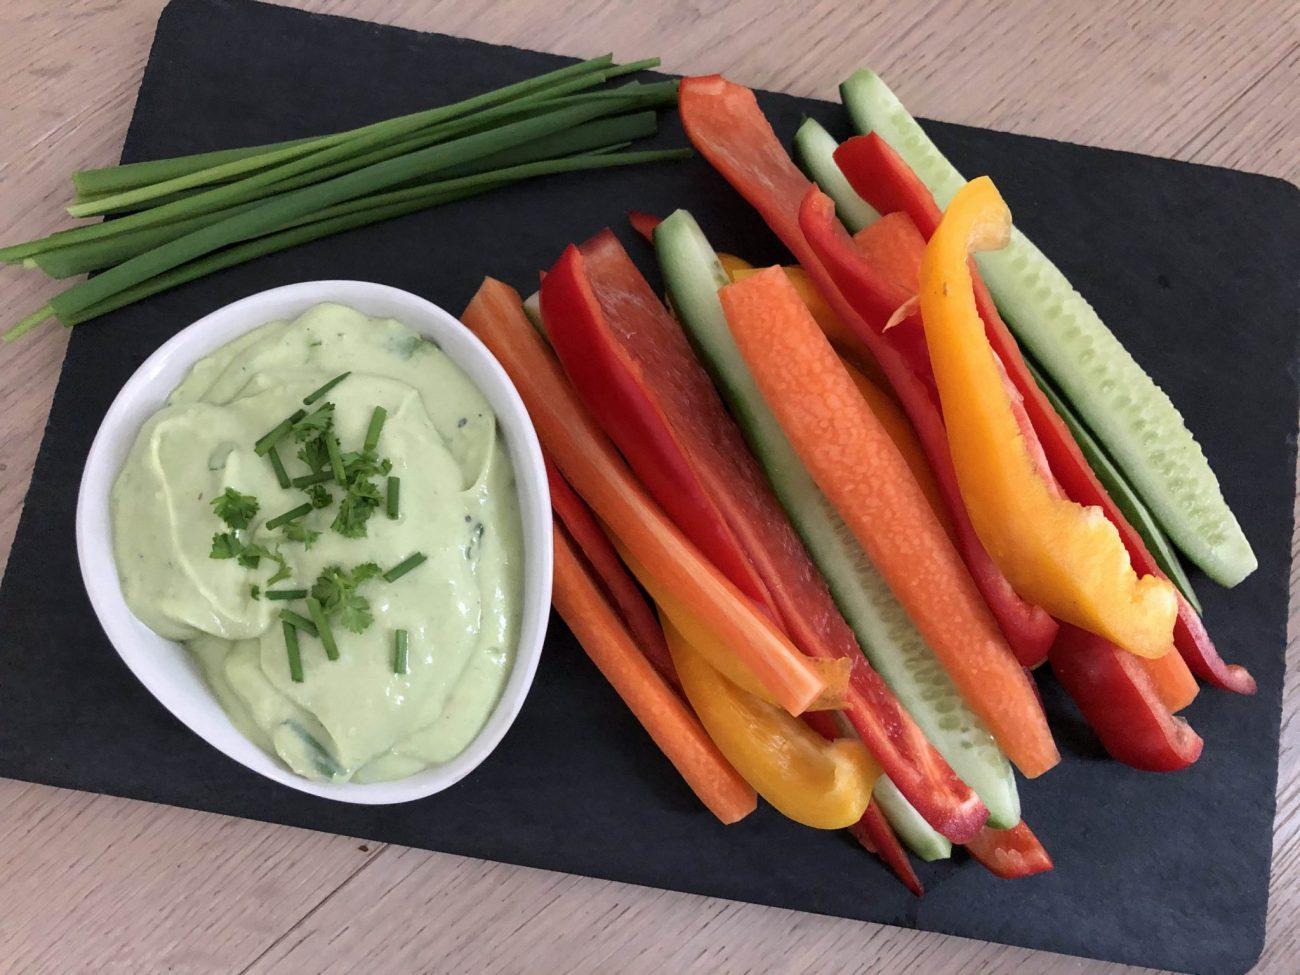 Gemüsesticks mit Avocado-Joghurt-Dip